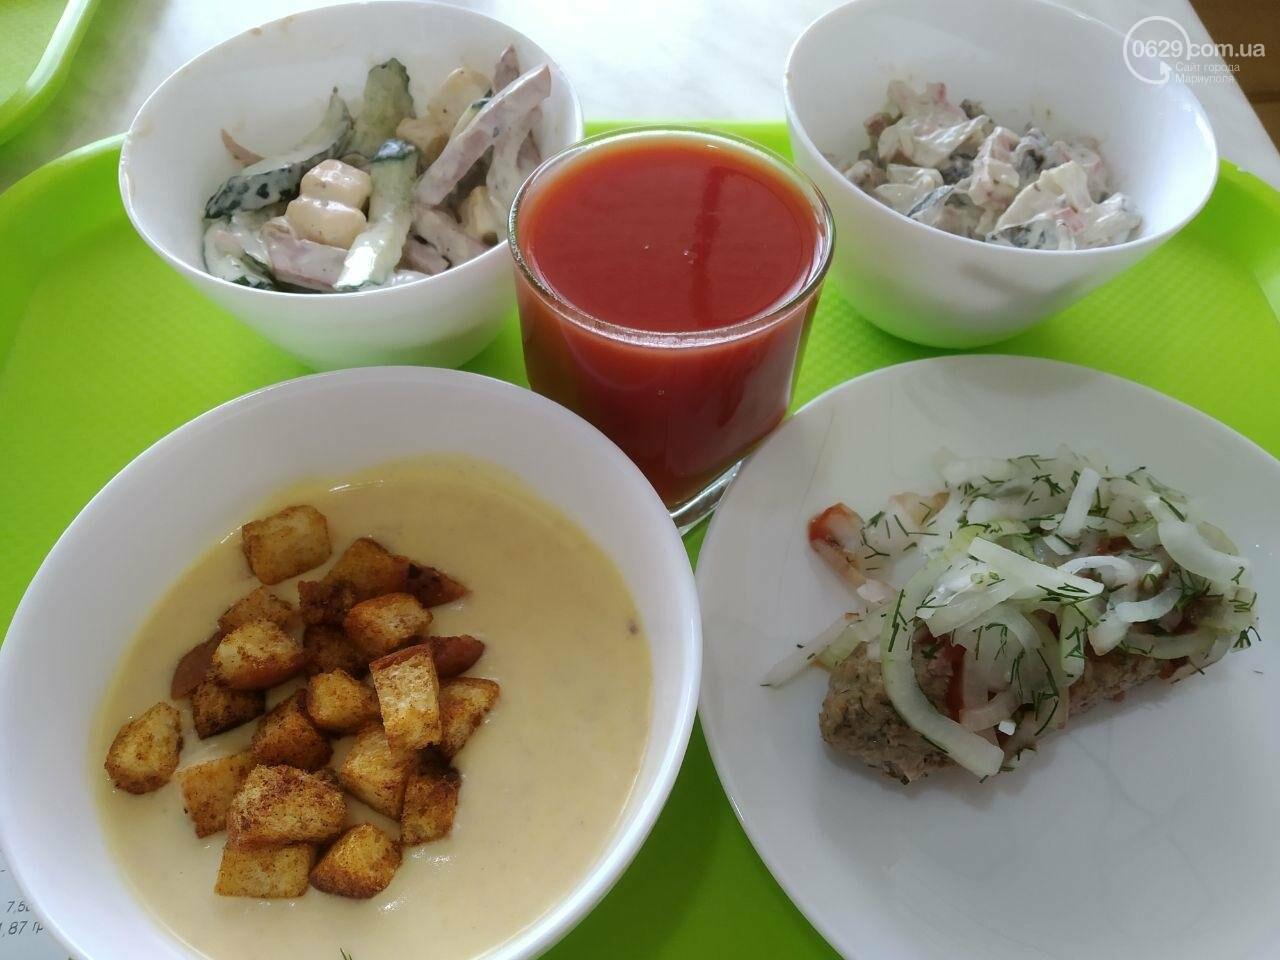 Тайный покупатель проверил кафе домашней кухни Citrus в Мариуполе, - ФОТО, фото-9